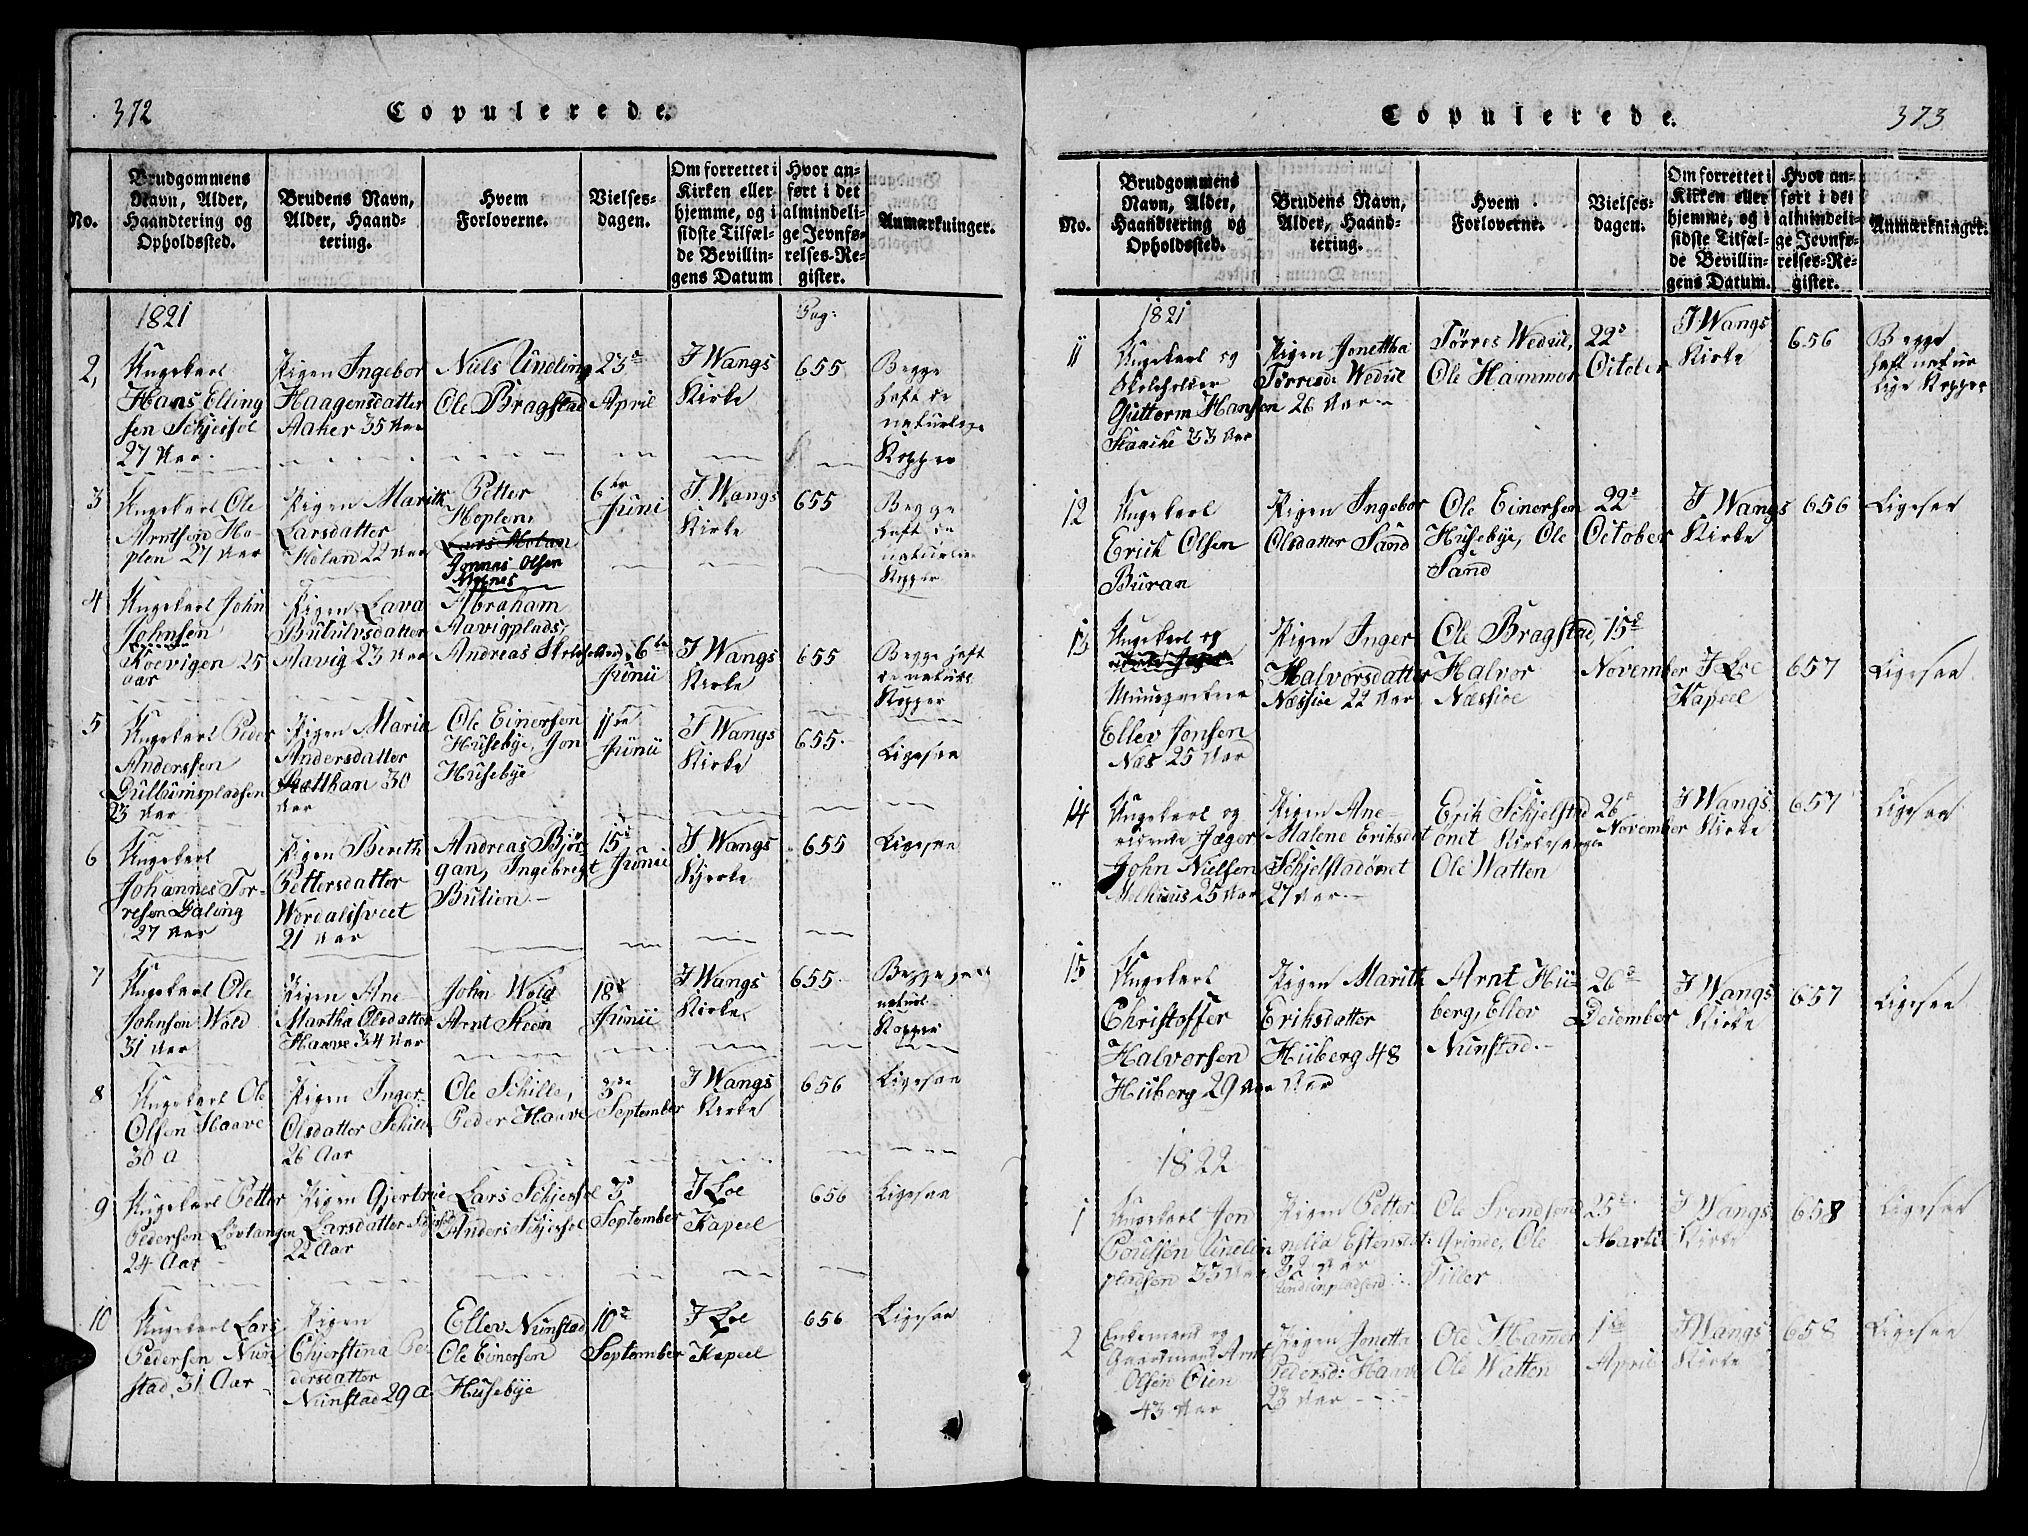 SAT, Ministerialprotokoller, klokkerbøker og fødselsregistre - Nord-Trøndelag, 714/L0132: Klokkerbok nr. 714C01, 1817-1824, s. 372-373